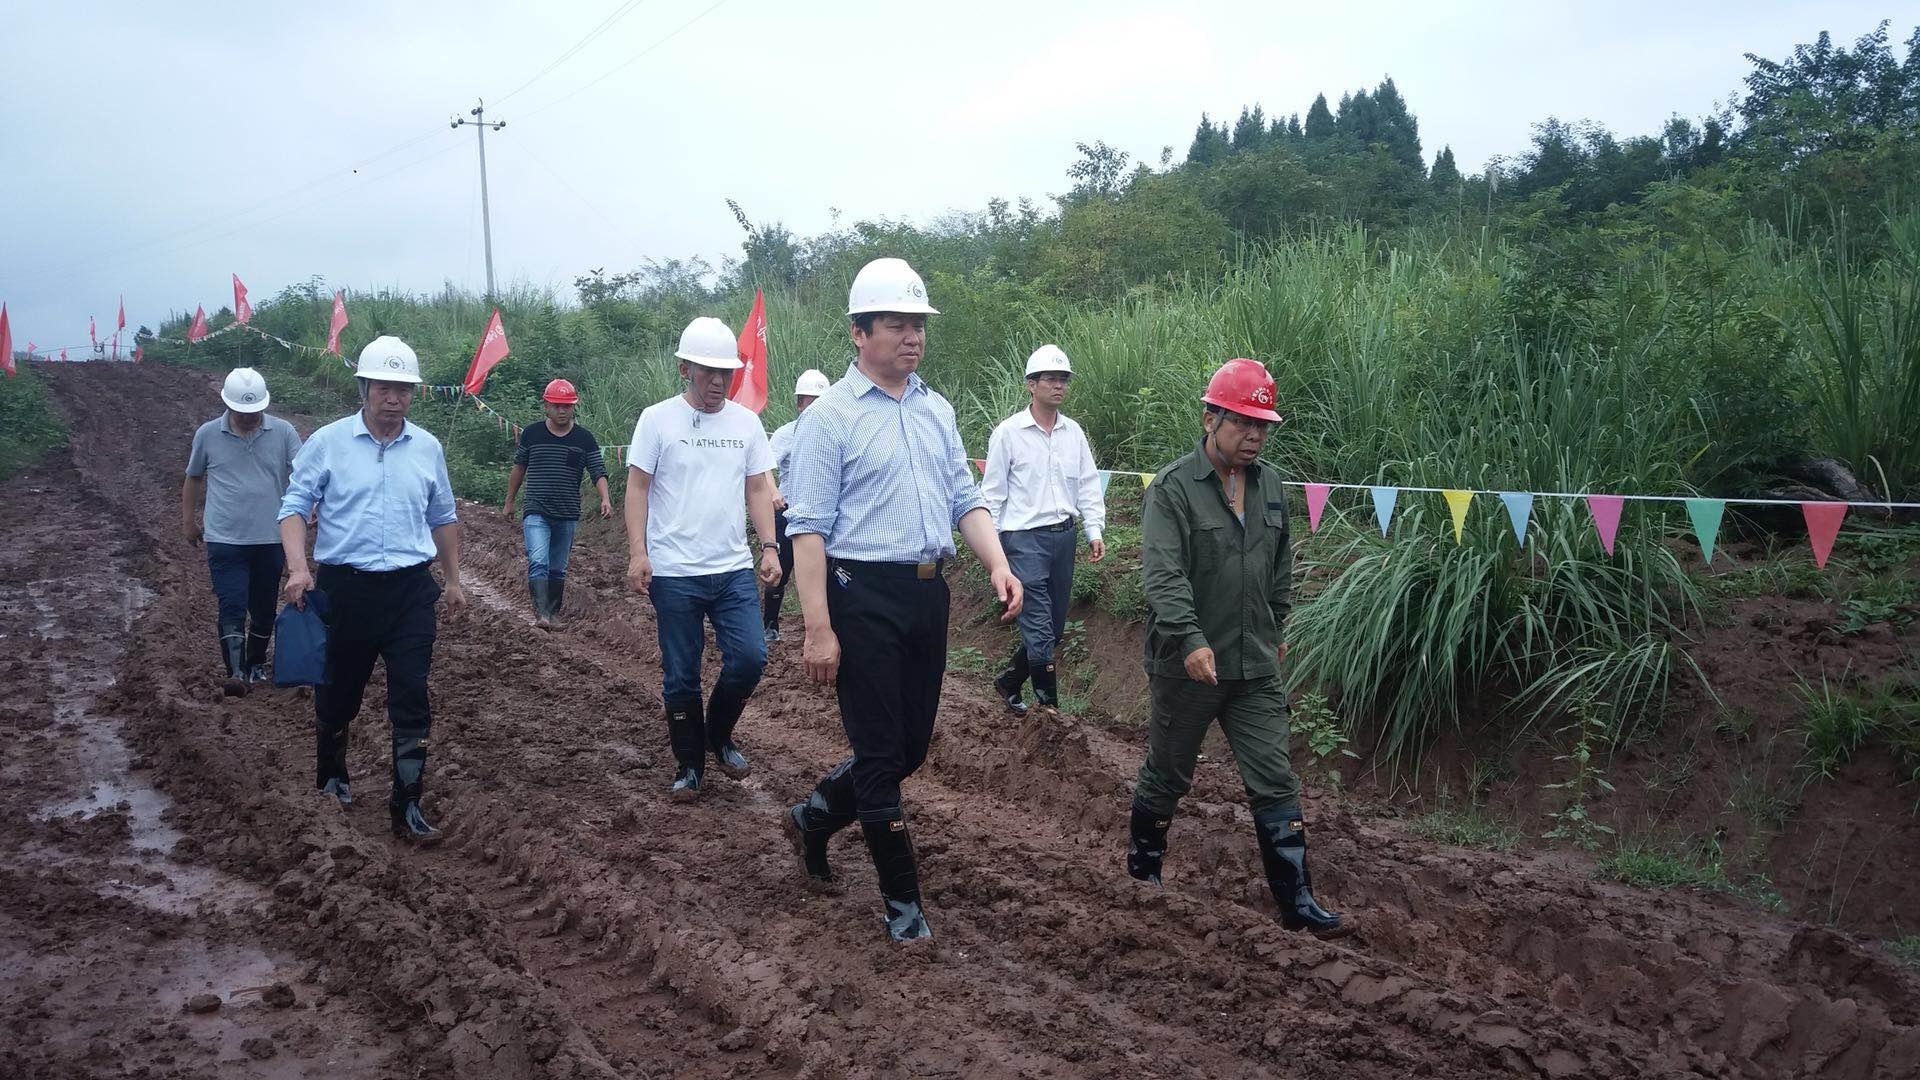 集团董事长杨国一行视察四川蓬船干渠项目